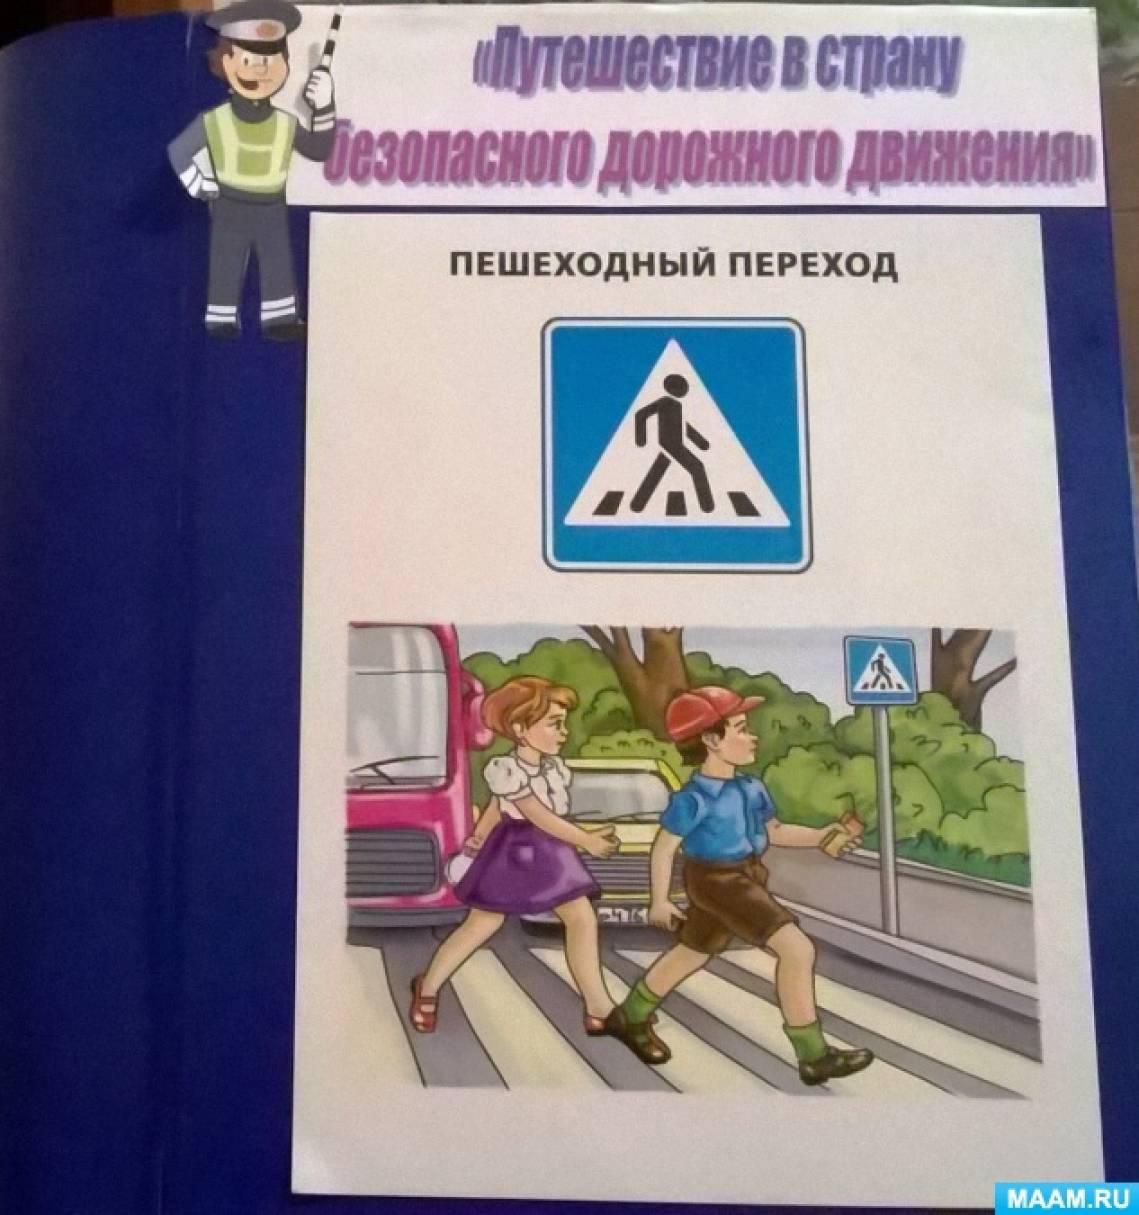 Методический сборник дидактических игр по безопасности дорожного движения